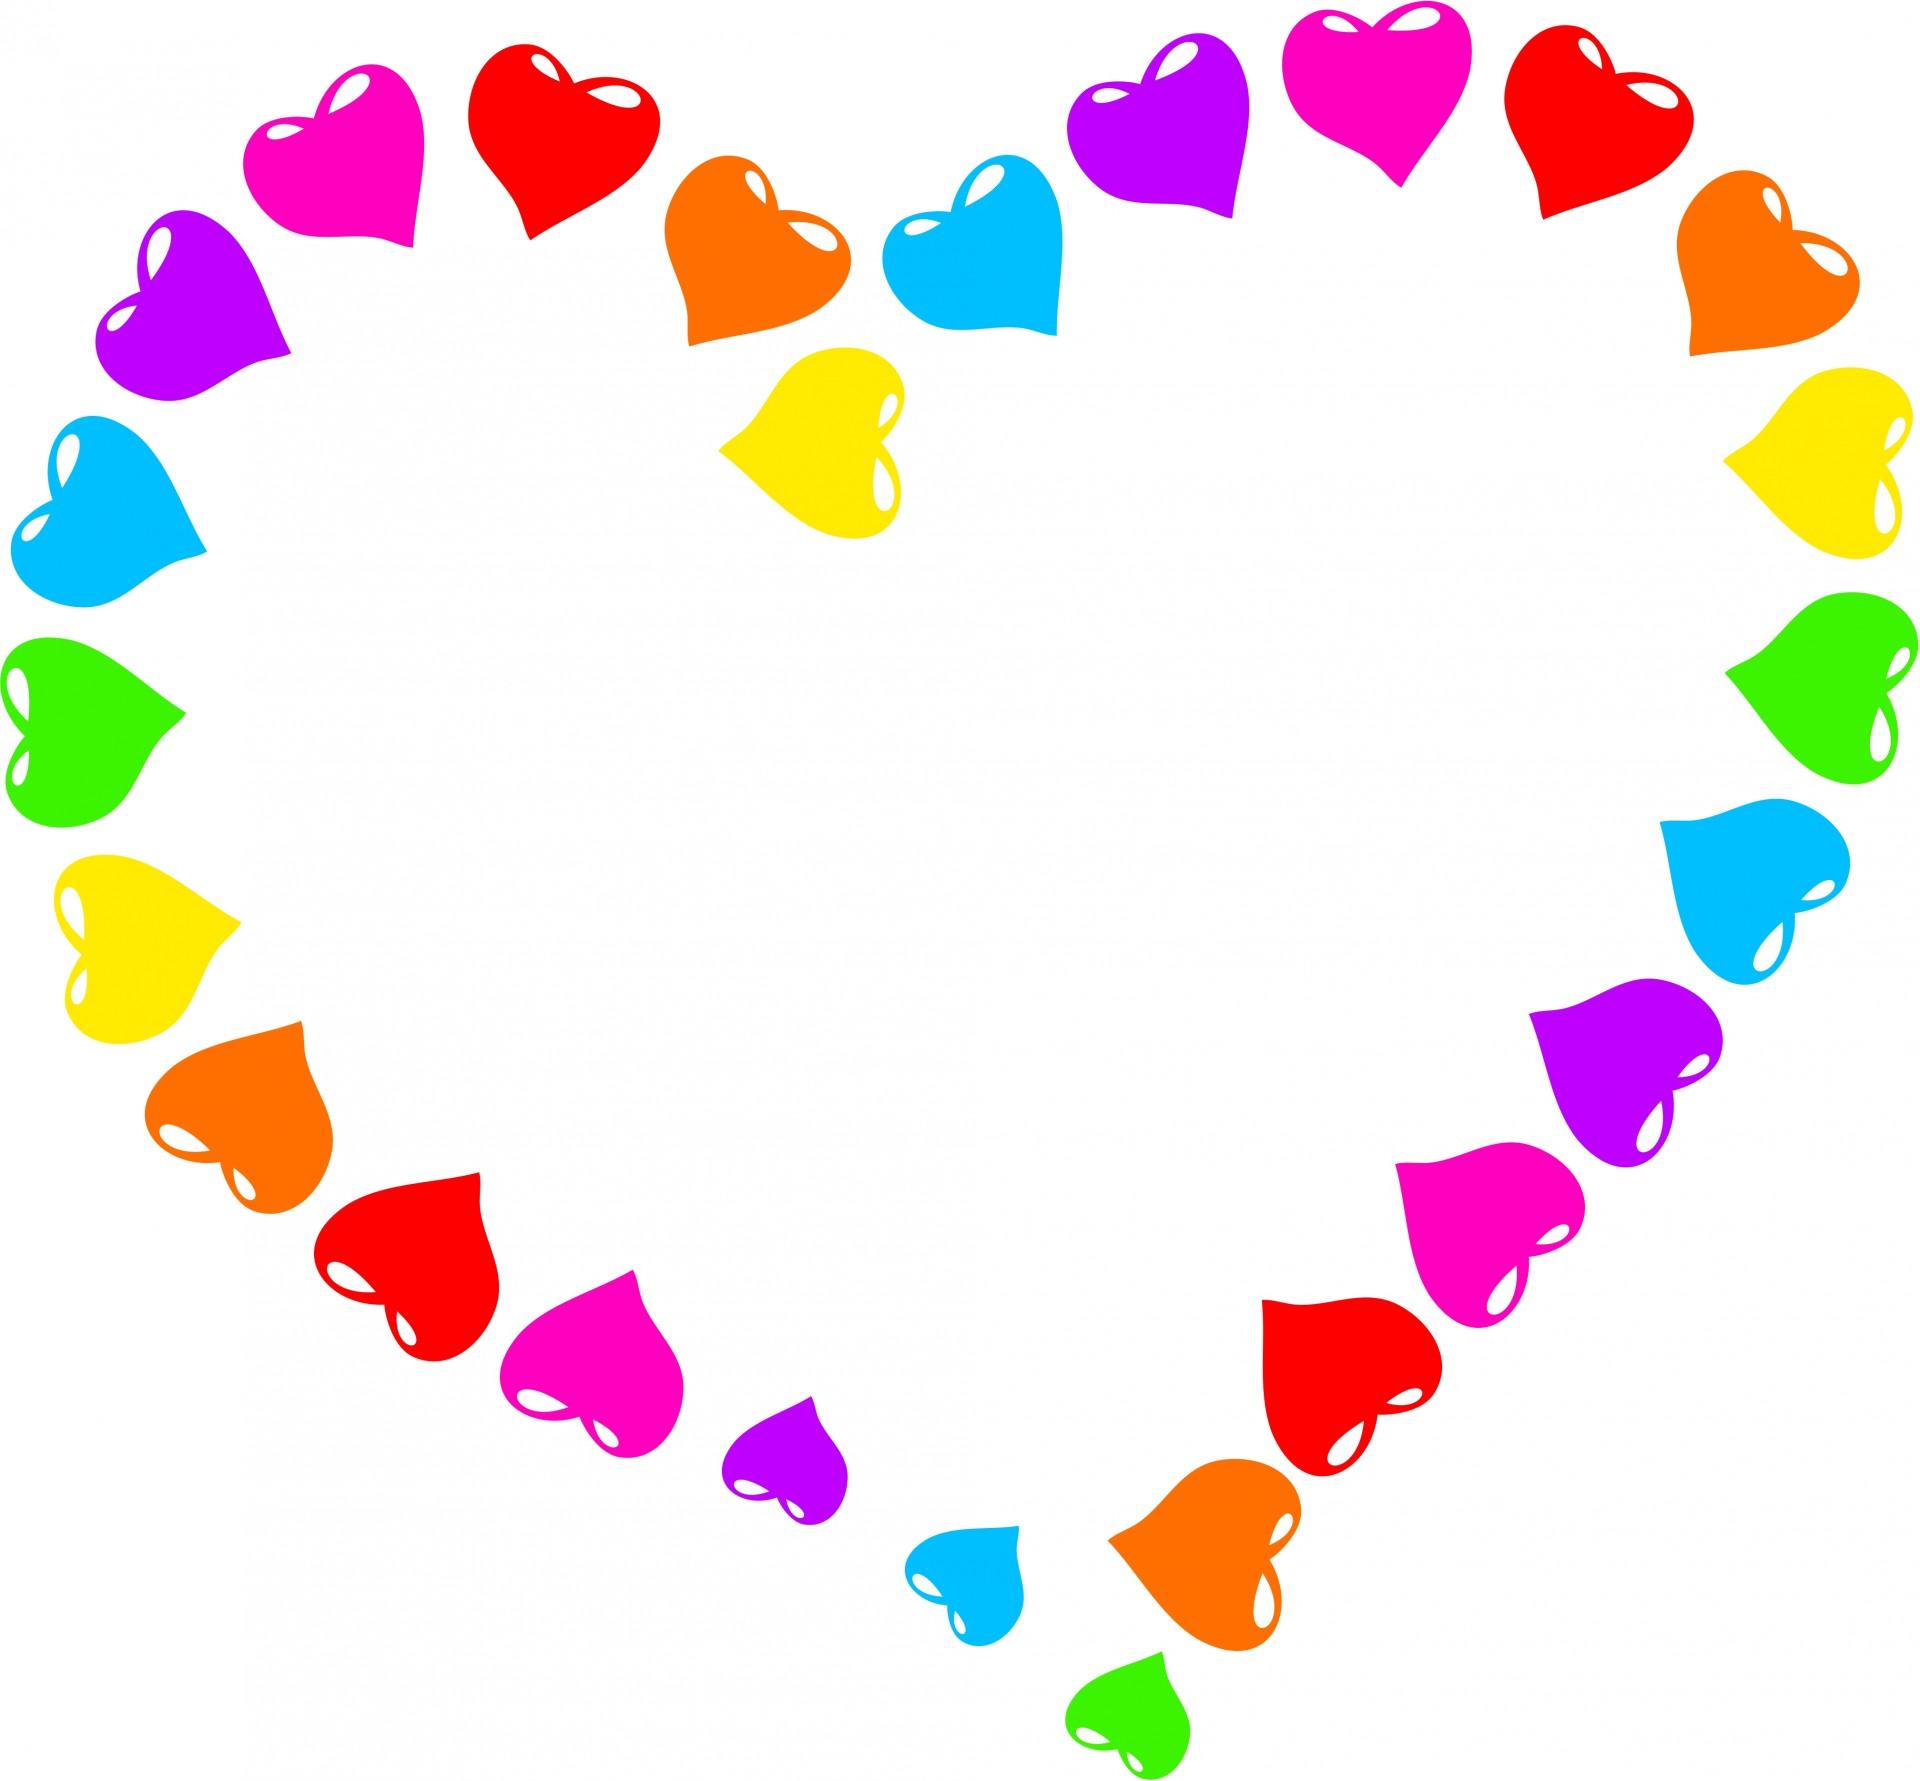 Rainbow Heart Clipart Free Stock Photo.